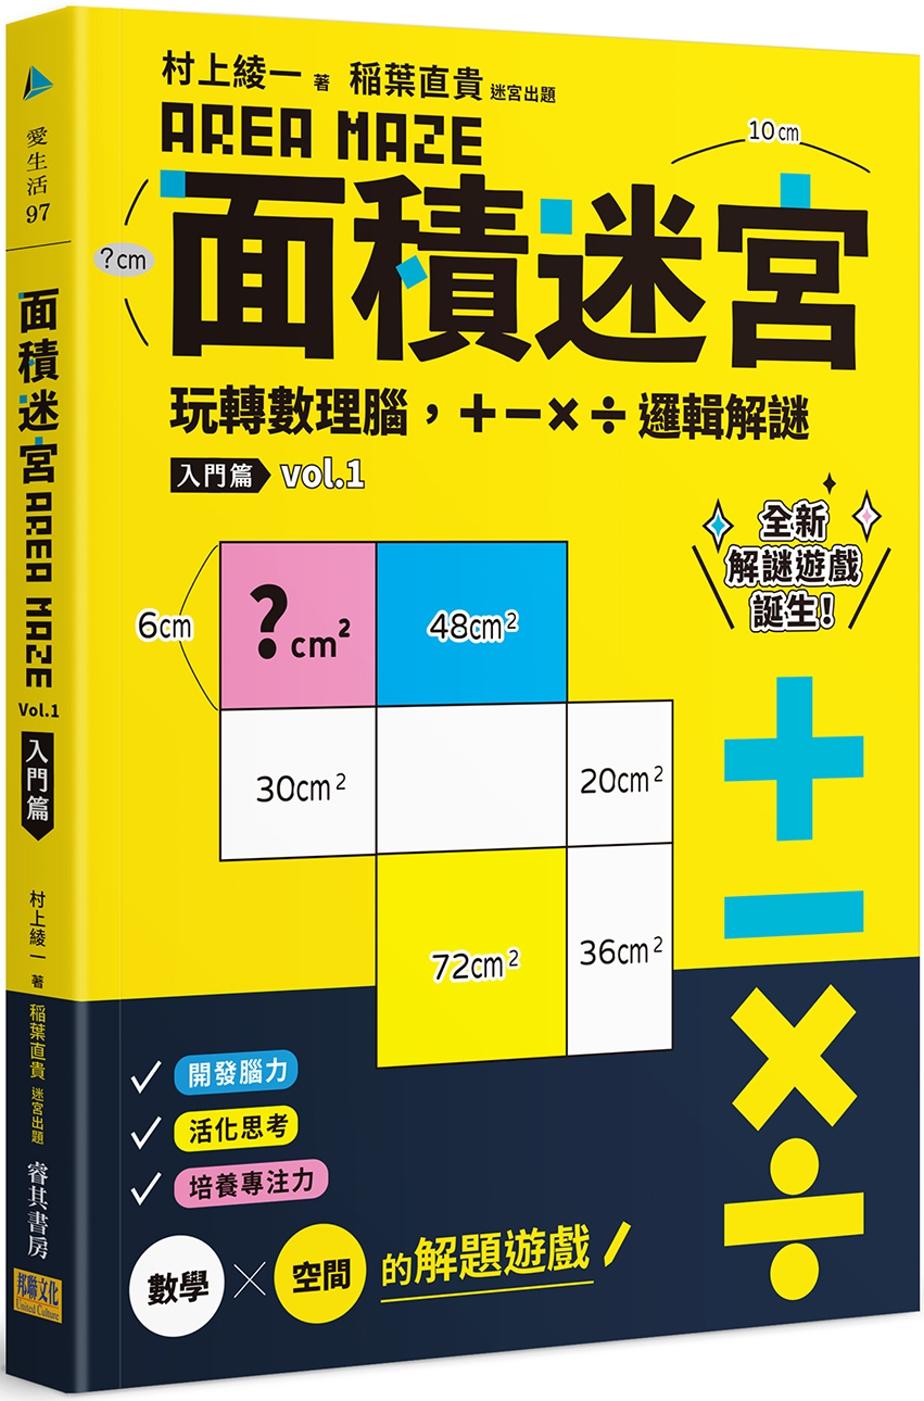 面積迷宮 Vol.1入門篇:玩轉數理腦,+-x÷邏輯解謎